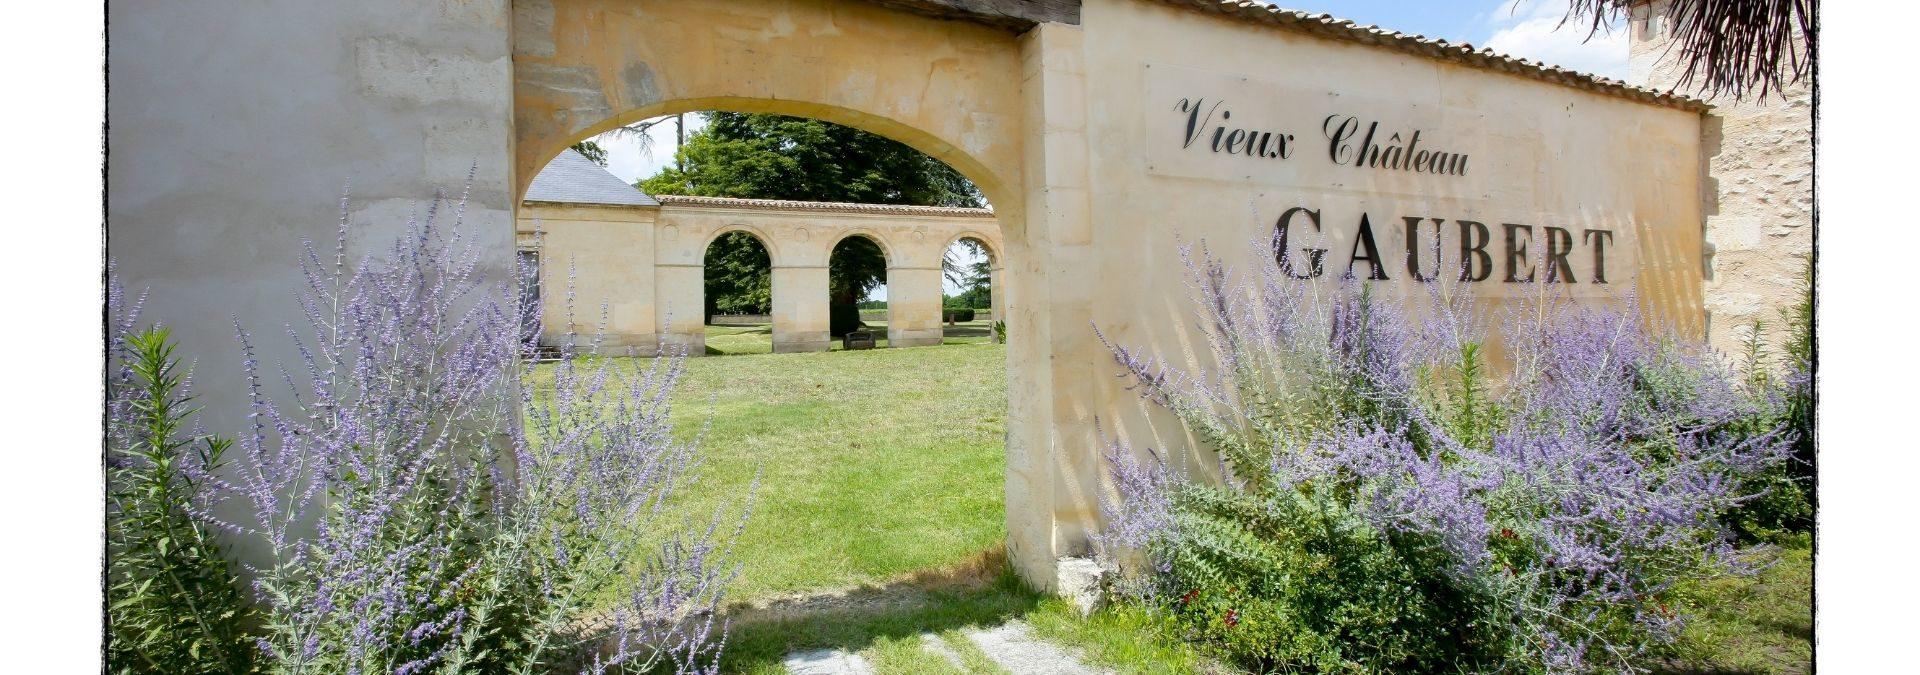 Vieux Château Gaubert